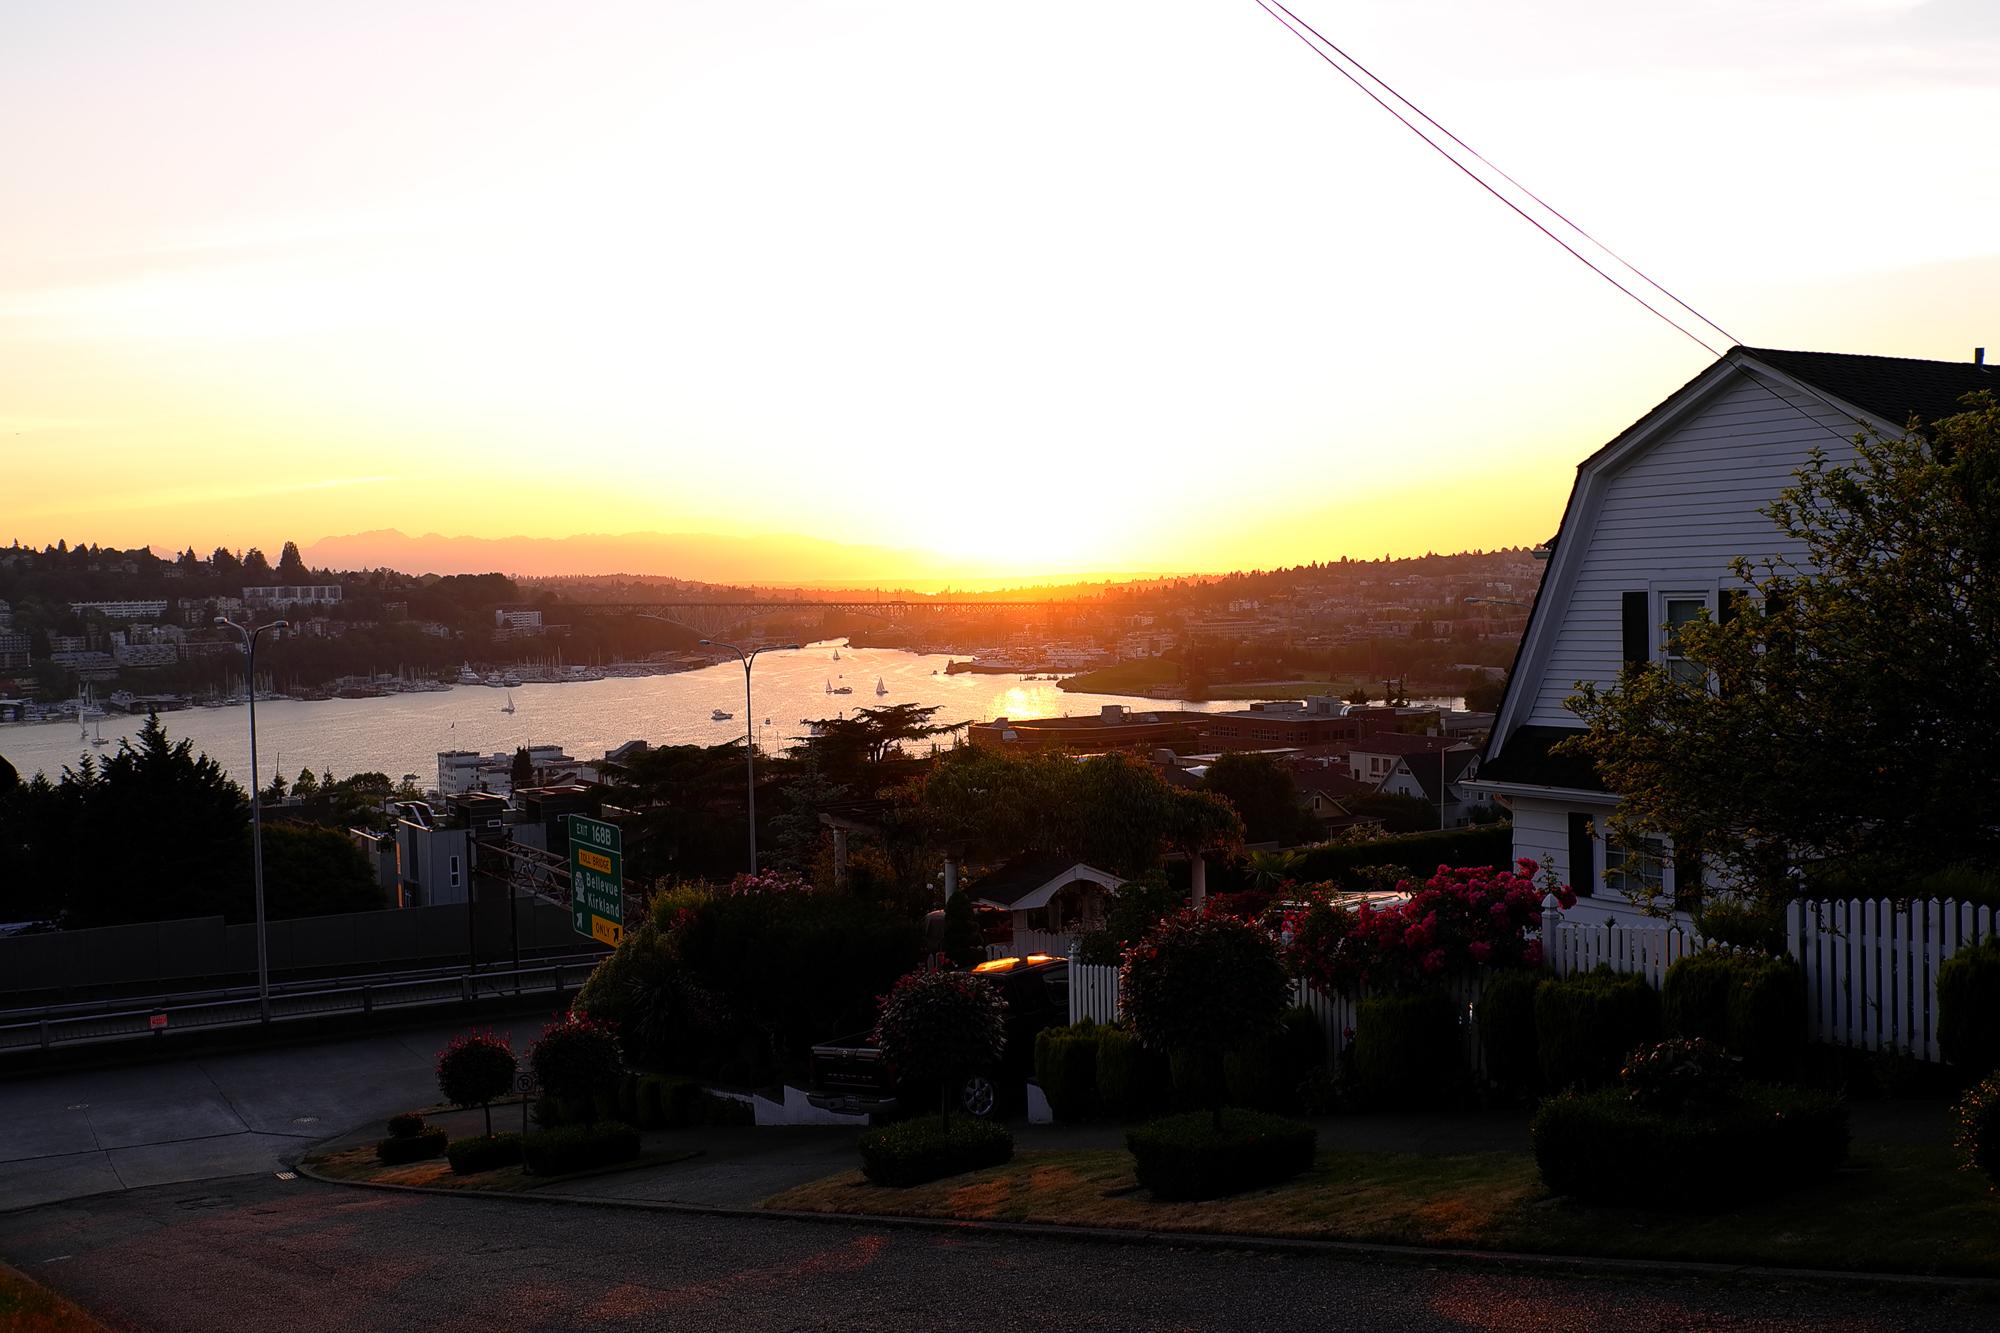 Sunset, midsummer